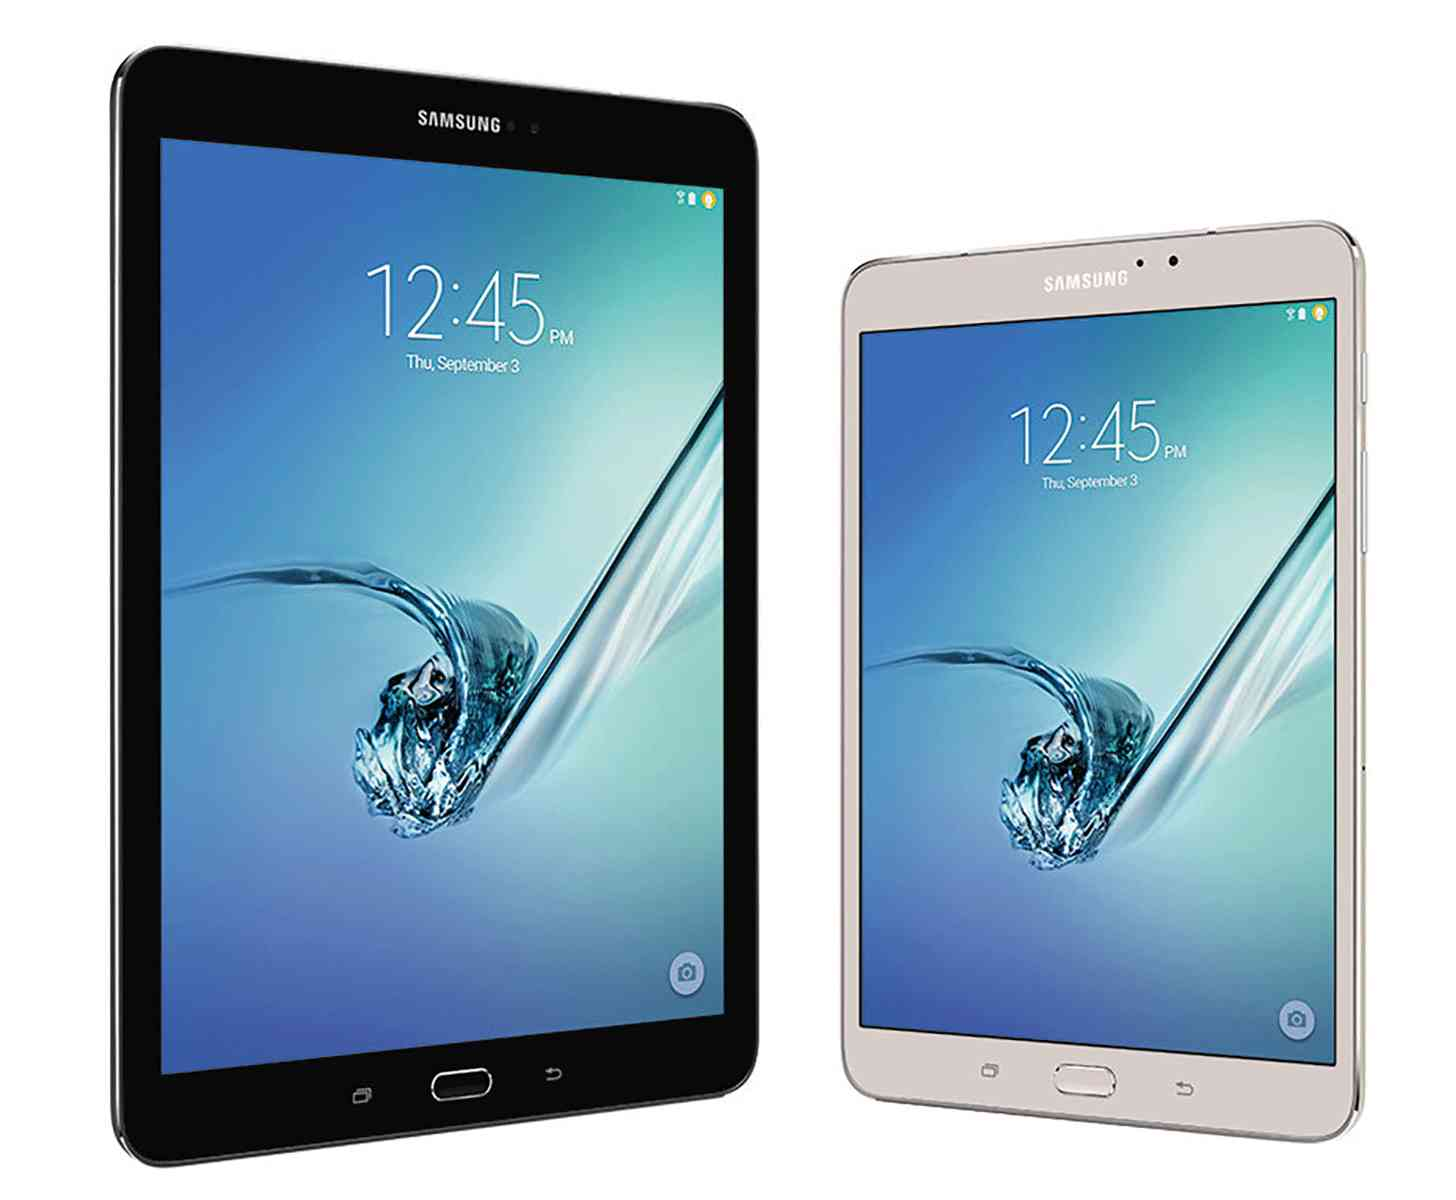 Samsung Galaxy Tab S2 9.7-inch, 8-inch